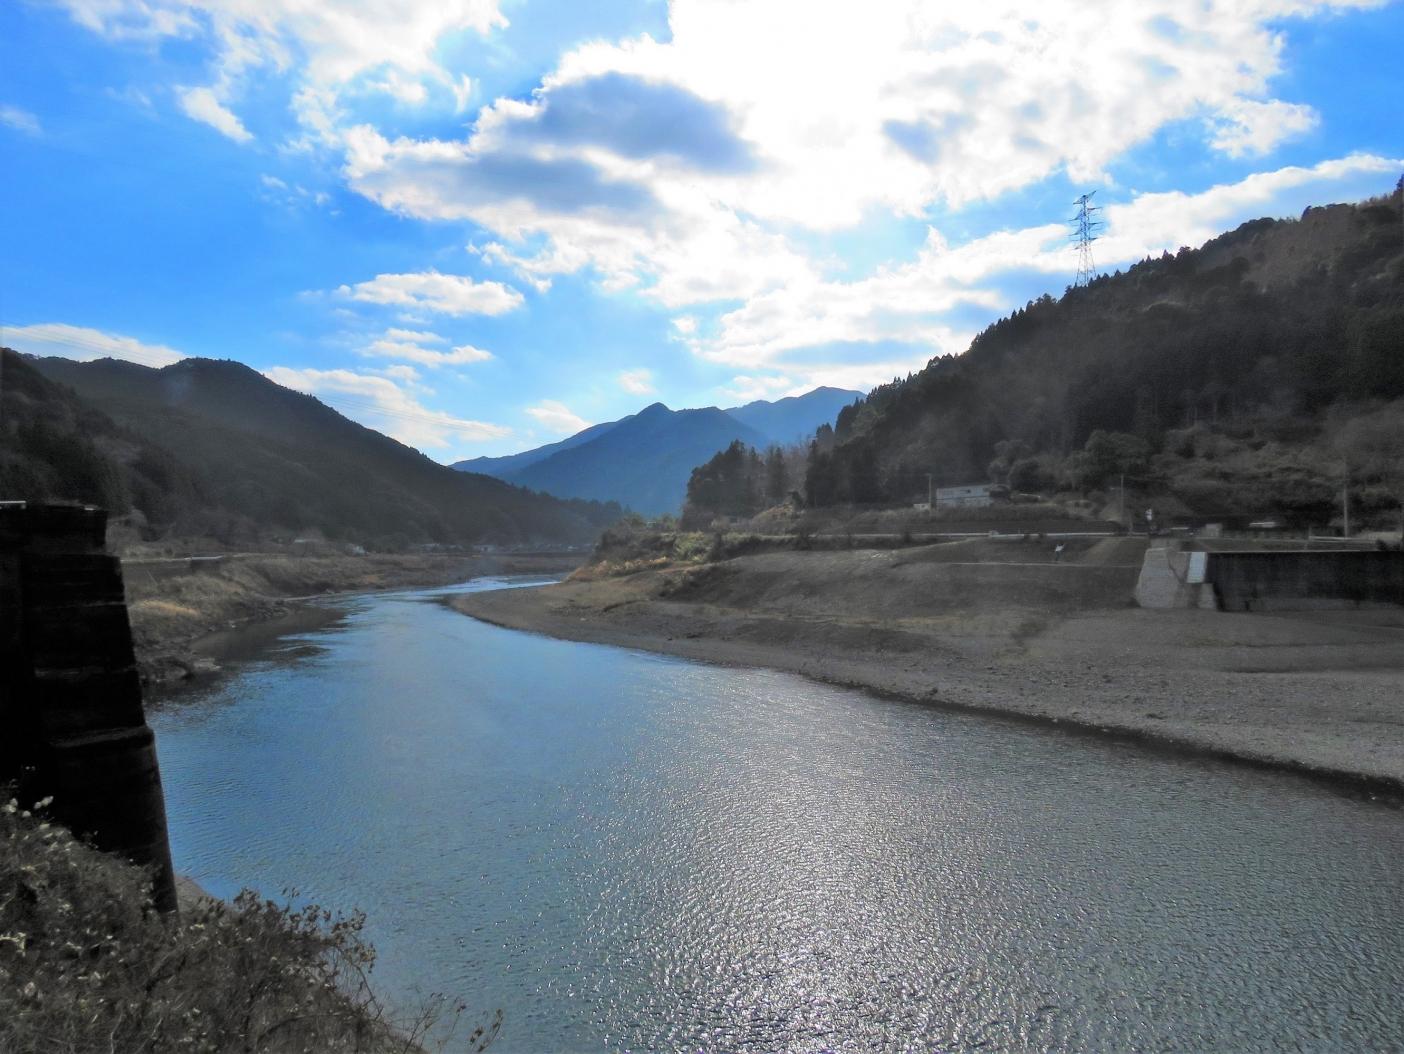 荒瀬ダムはなくなっても、そこには上流にある瀬戸石ダムの存在がはっきりと見えている